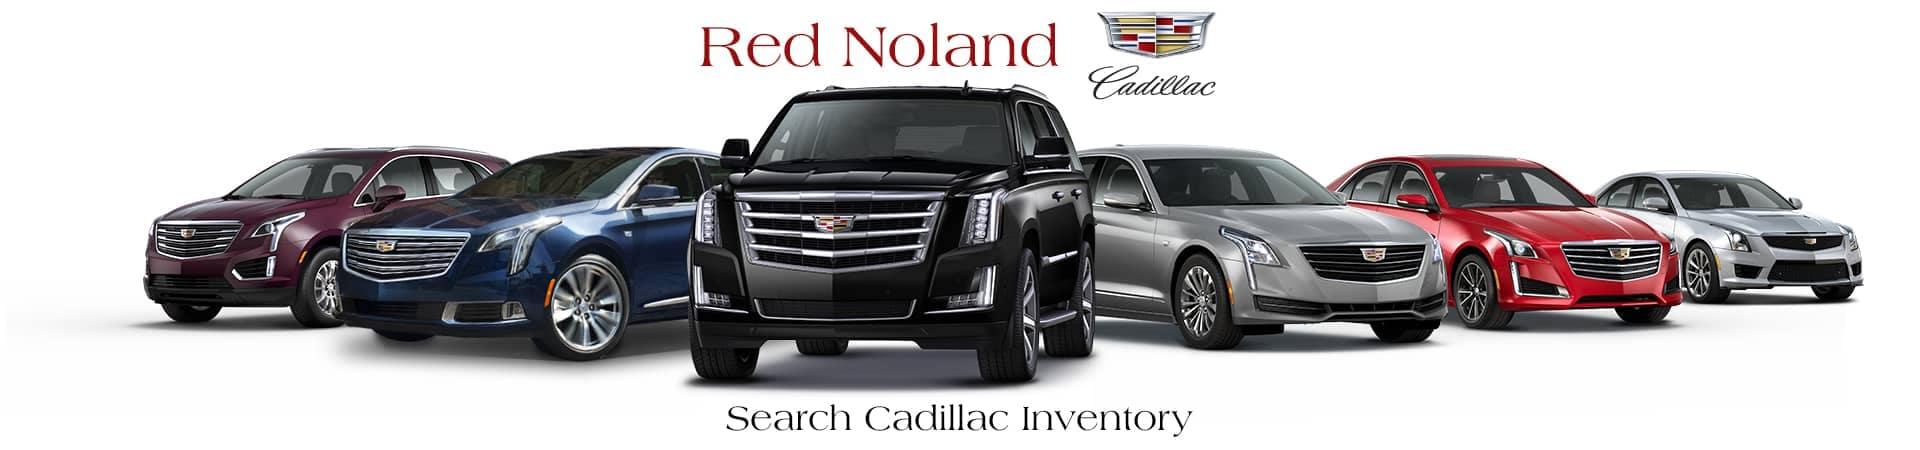 2018_Cadillac_Family